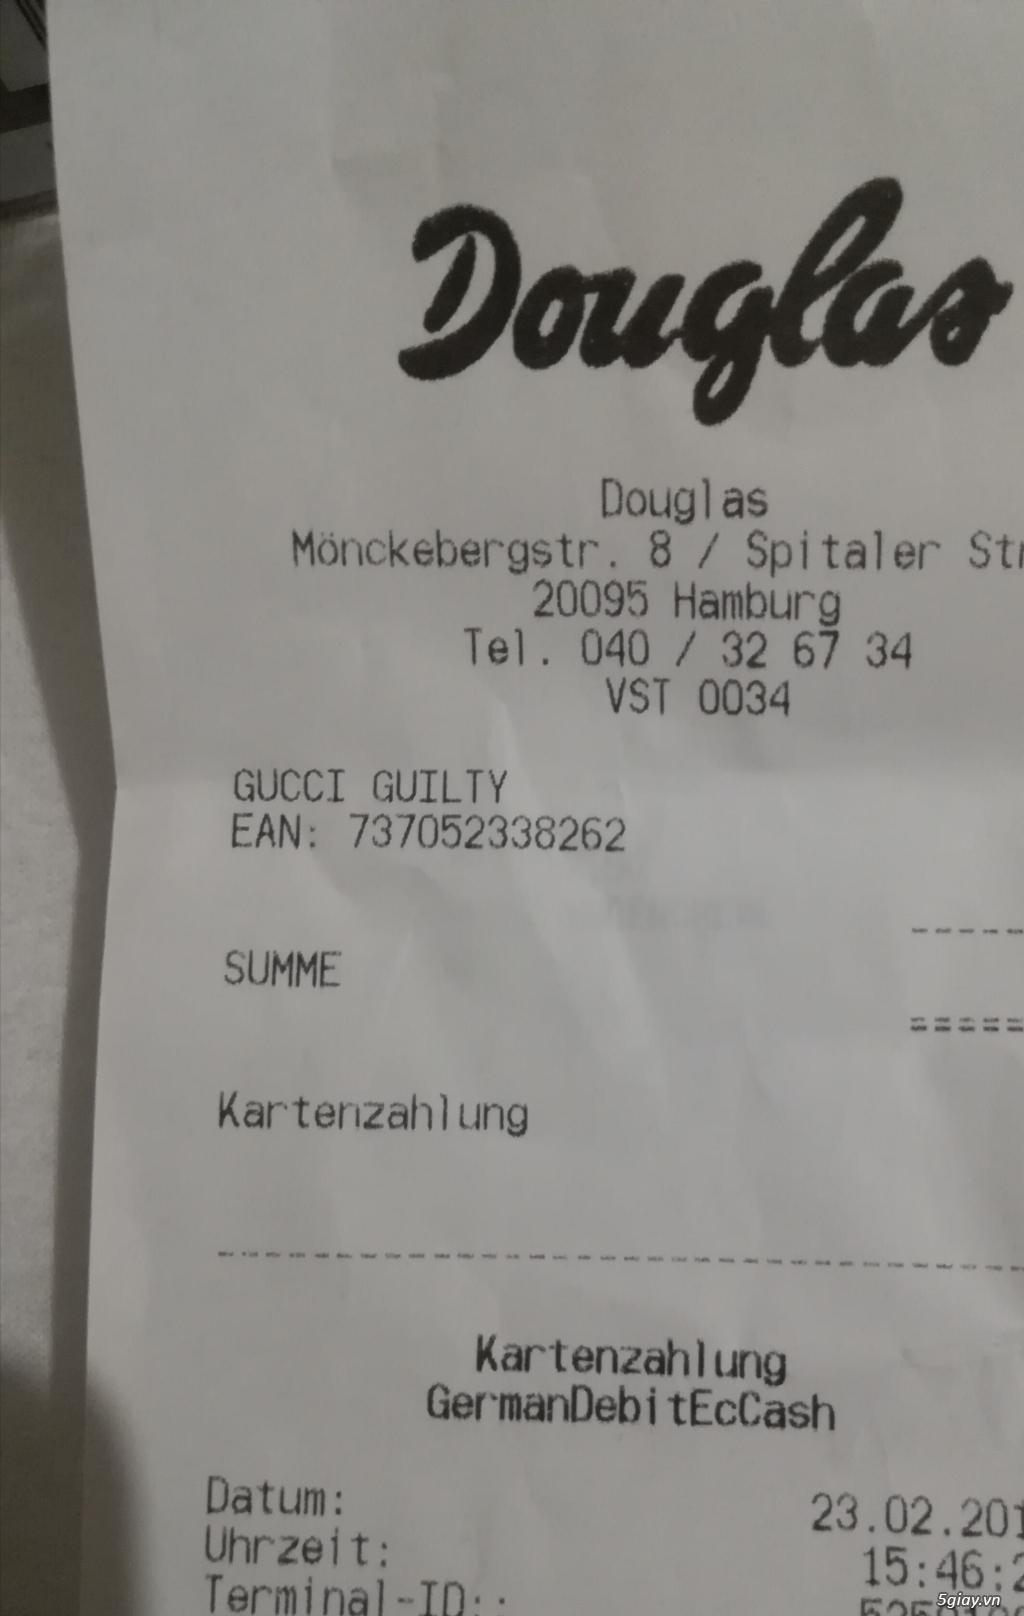 Nước hoa GUC CI GUILTY mua trong store Germany 100% giá rẻ - 3